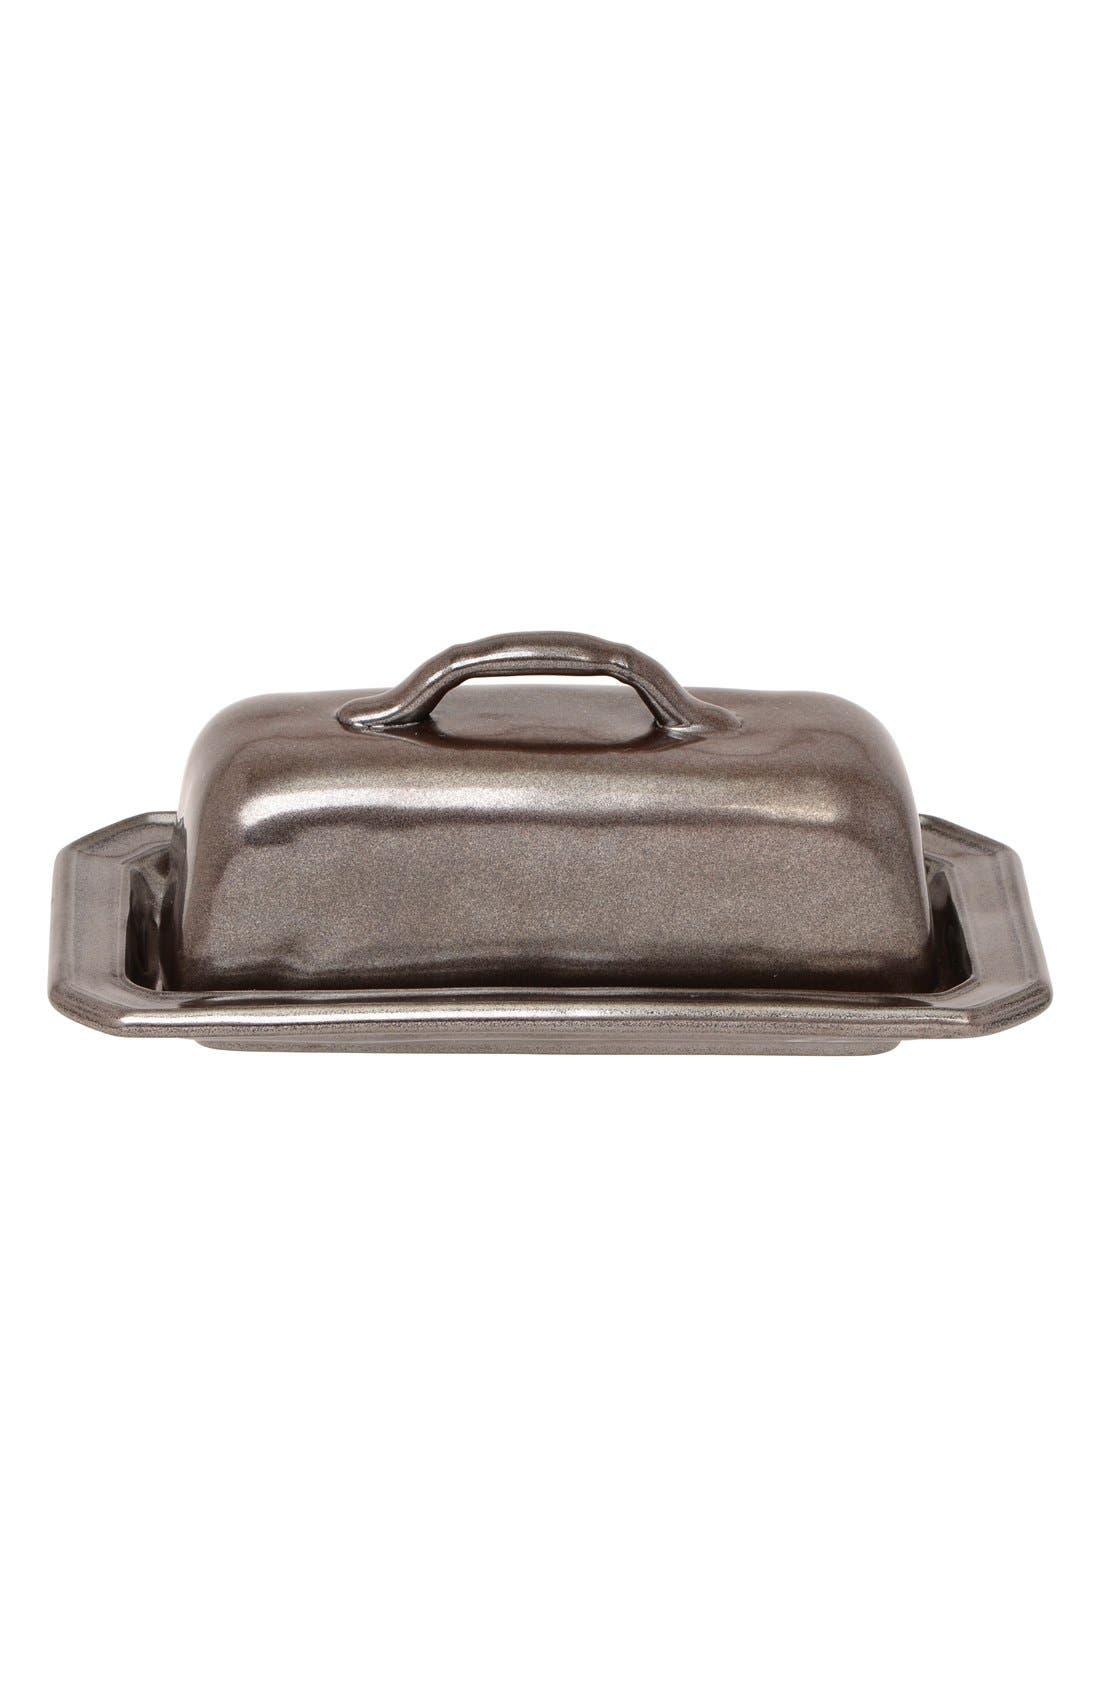 Alternate Image 1 Selected - JuliskaPewter Stoneware Butter Dish